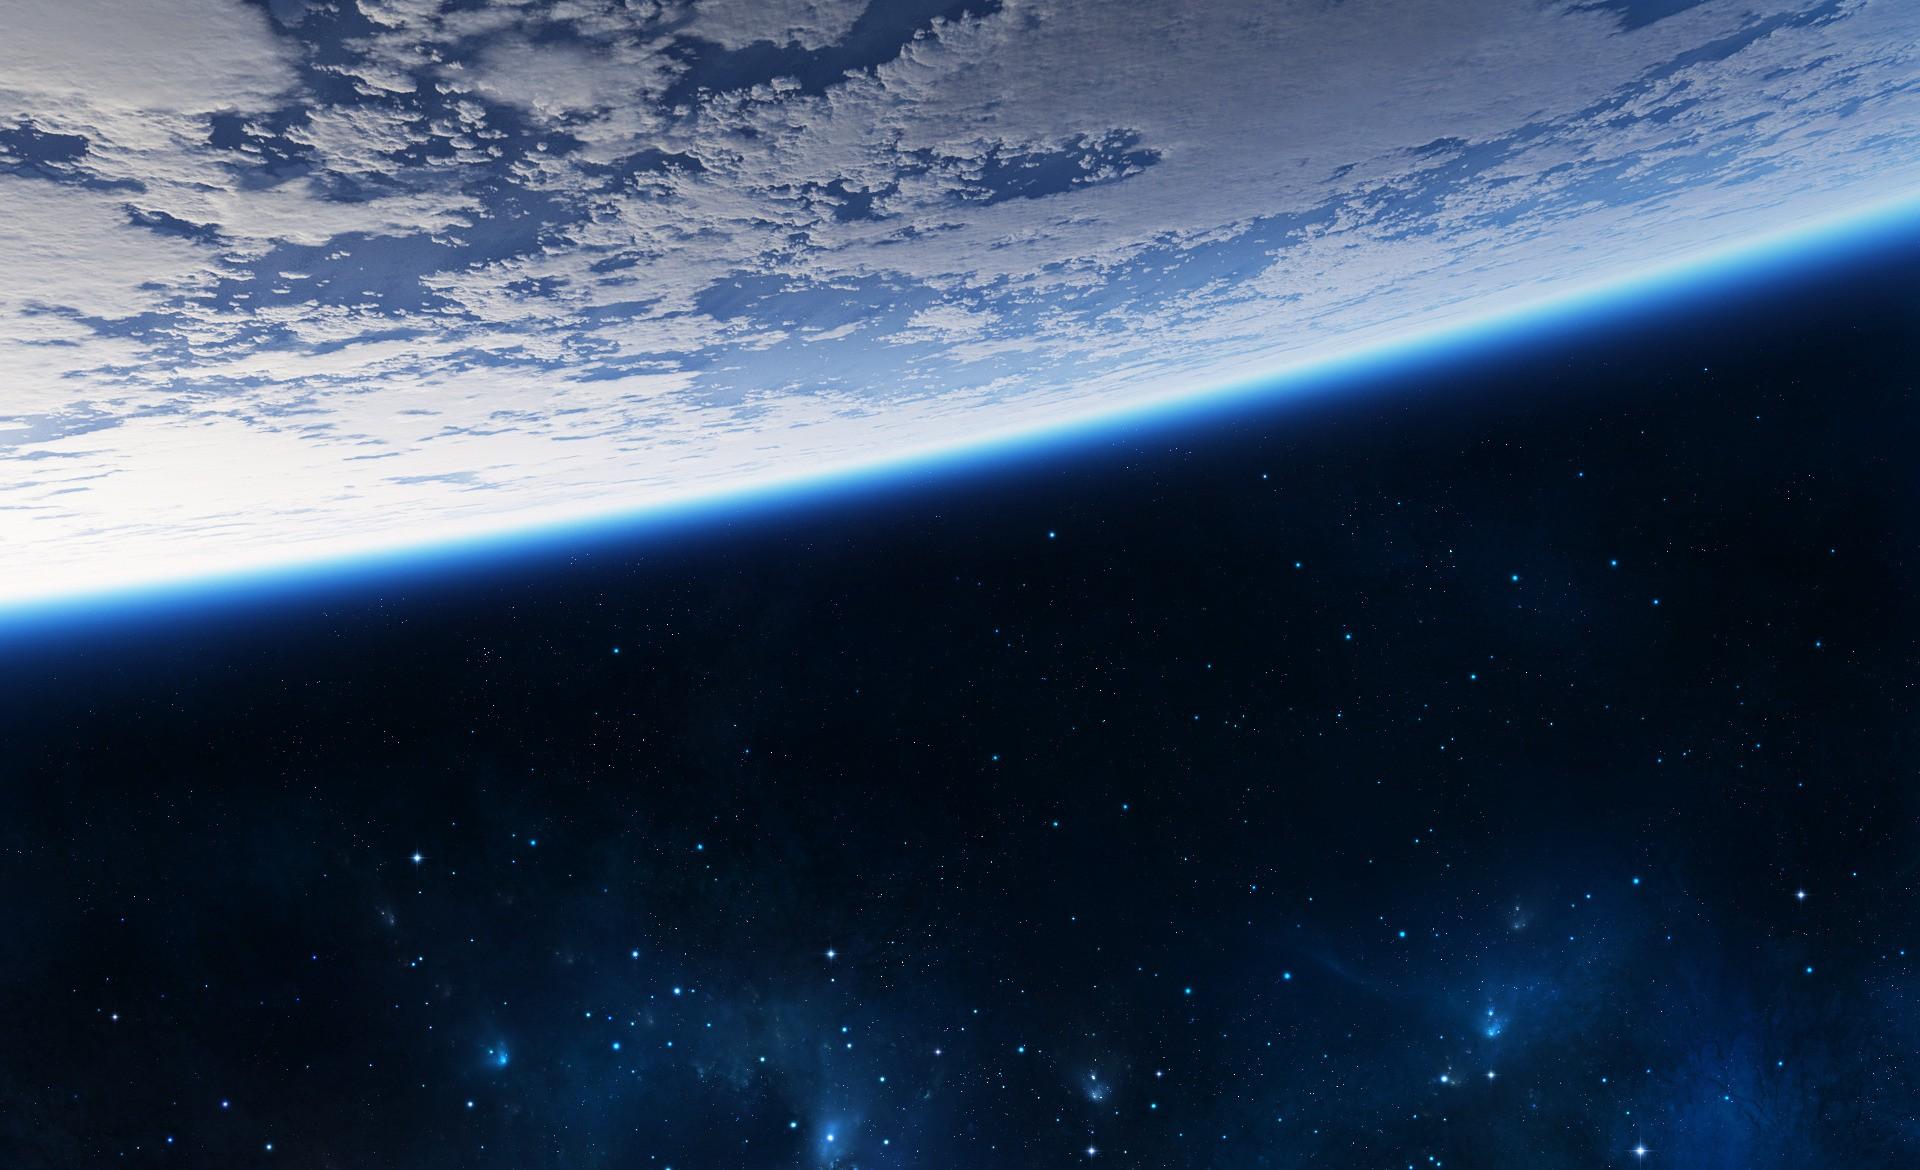 Обои Звездное небо над землей картинки на рабочий стол на тему Космос - скачать  № 1768263 загрузить